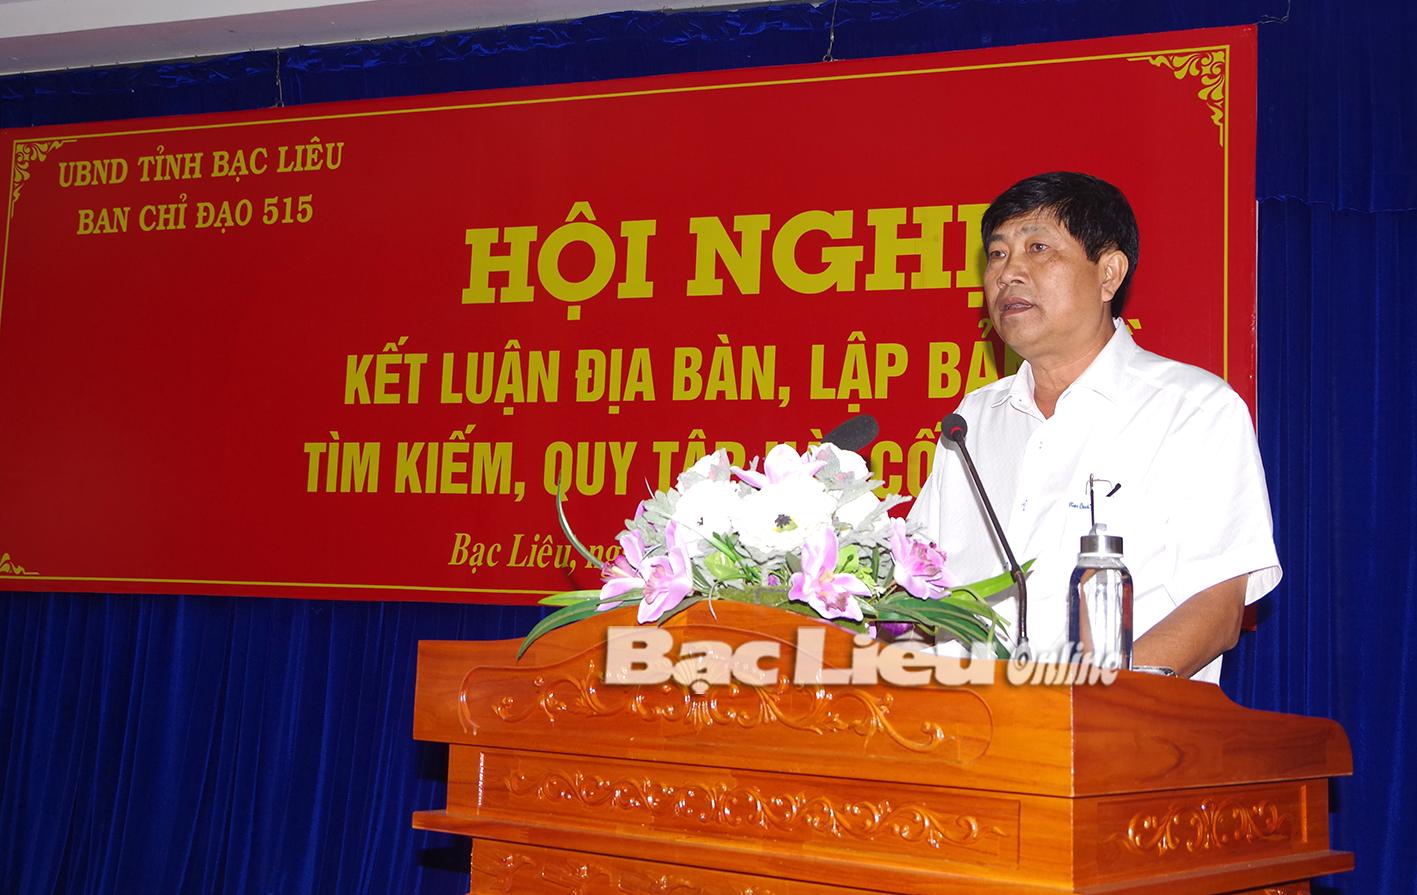 Ban Chỉ đạo 515 tỉnh Bạc Liêu tổ chức Hội nghị Kết luận địa bàn lập bản đồ tìm kiếm, quy tập hài cốt liệt sĩ